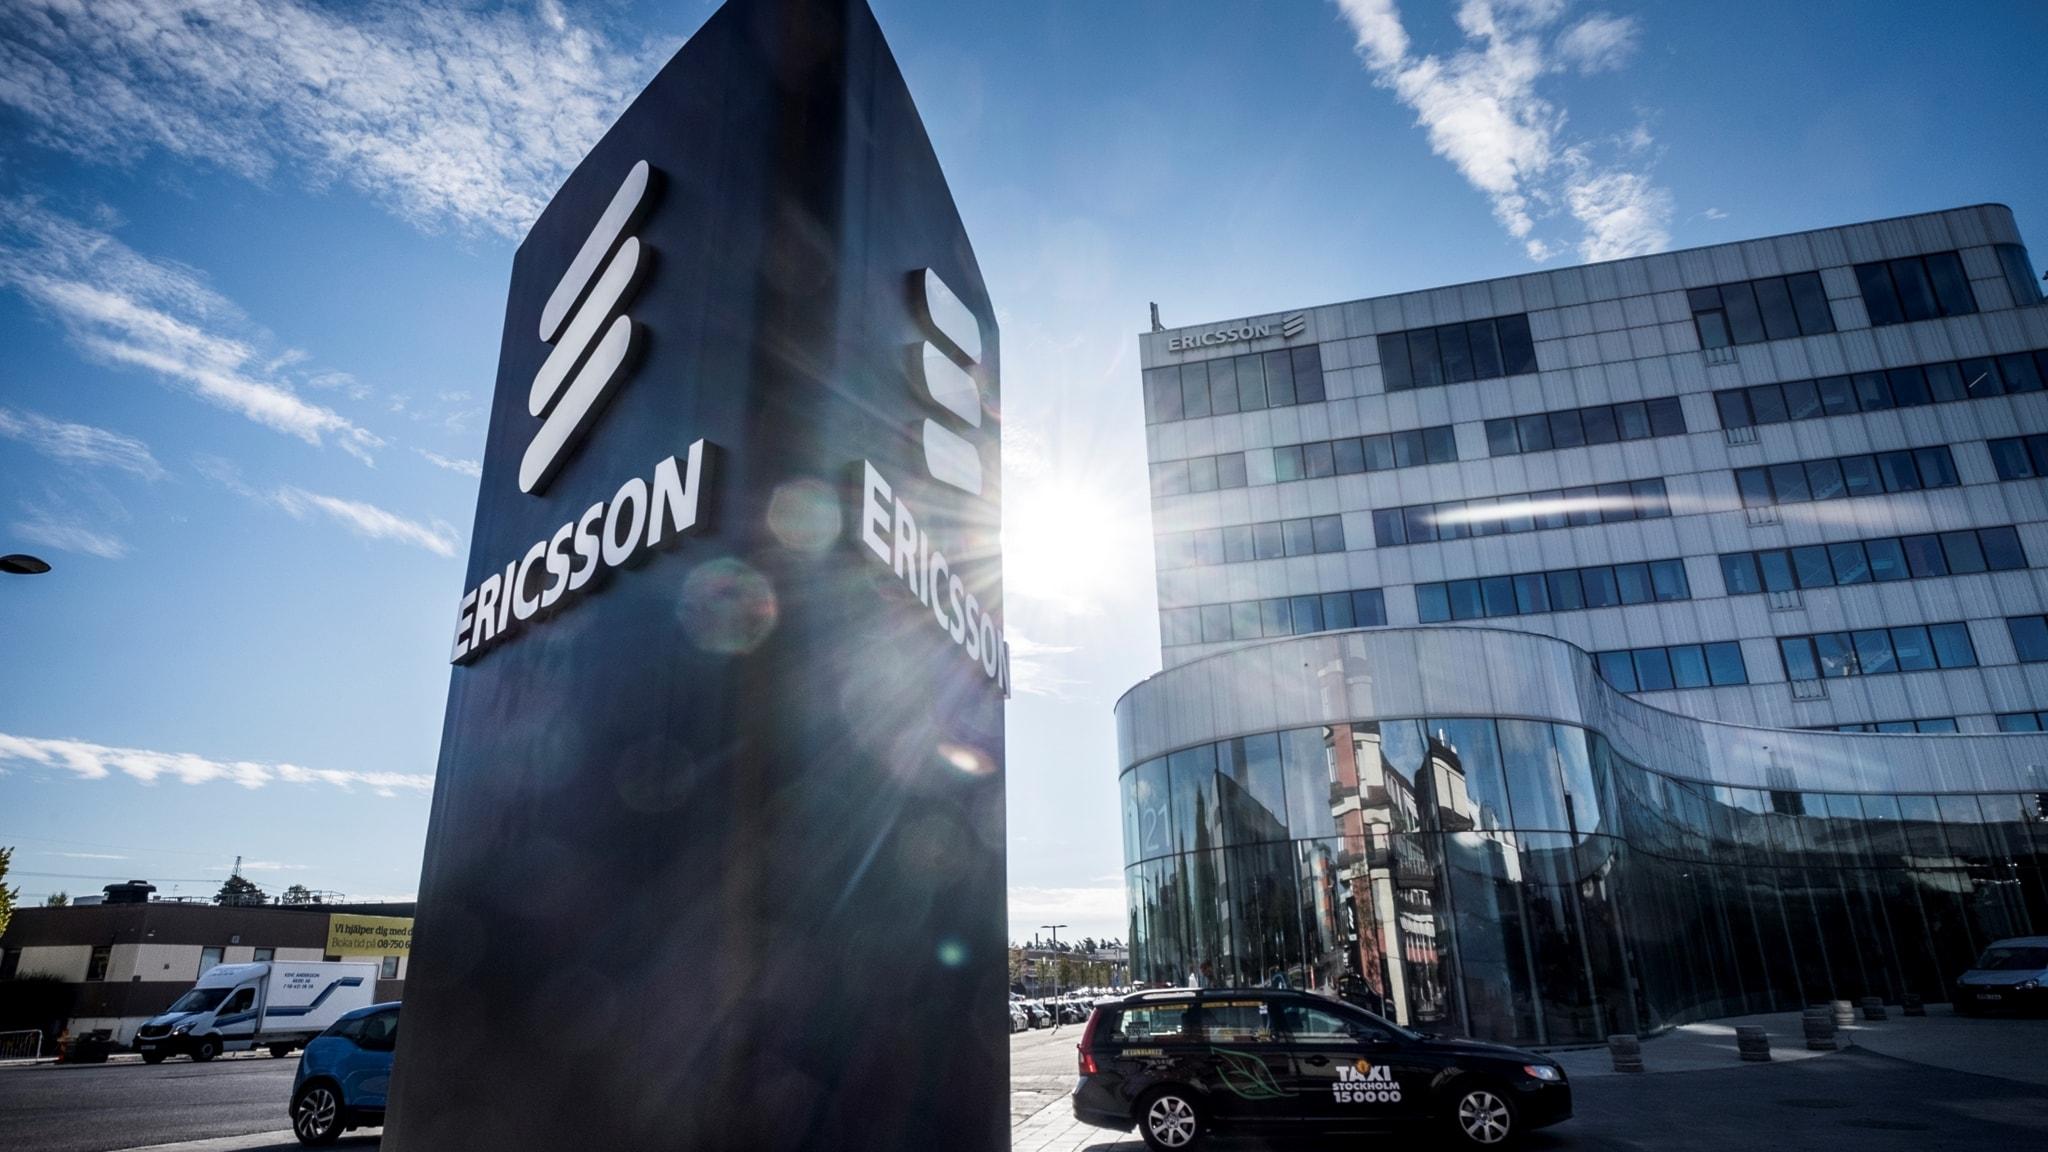 Ericssons storstädning och Trumps enorma entourage